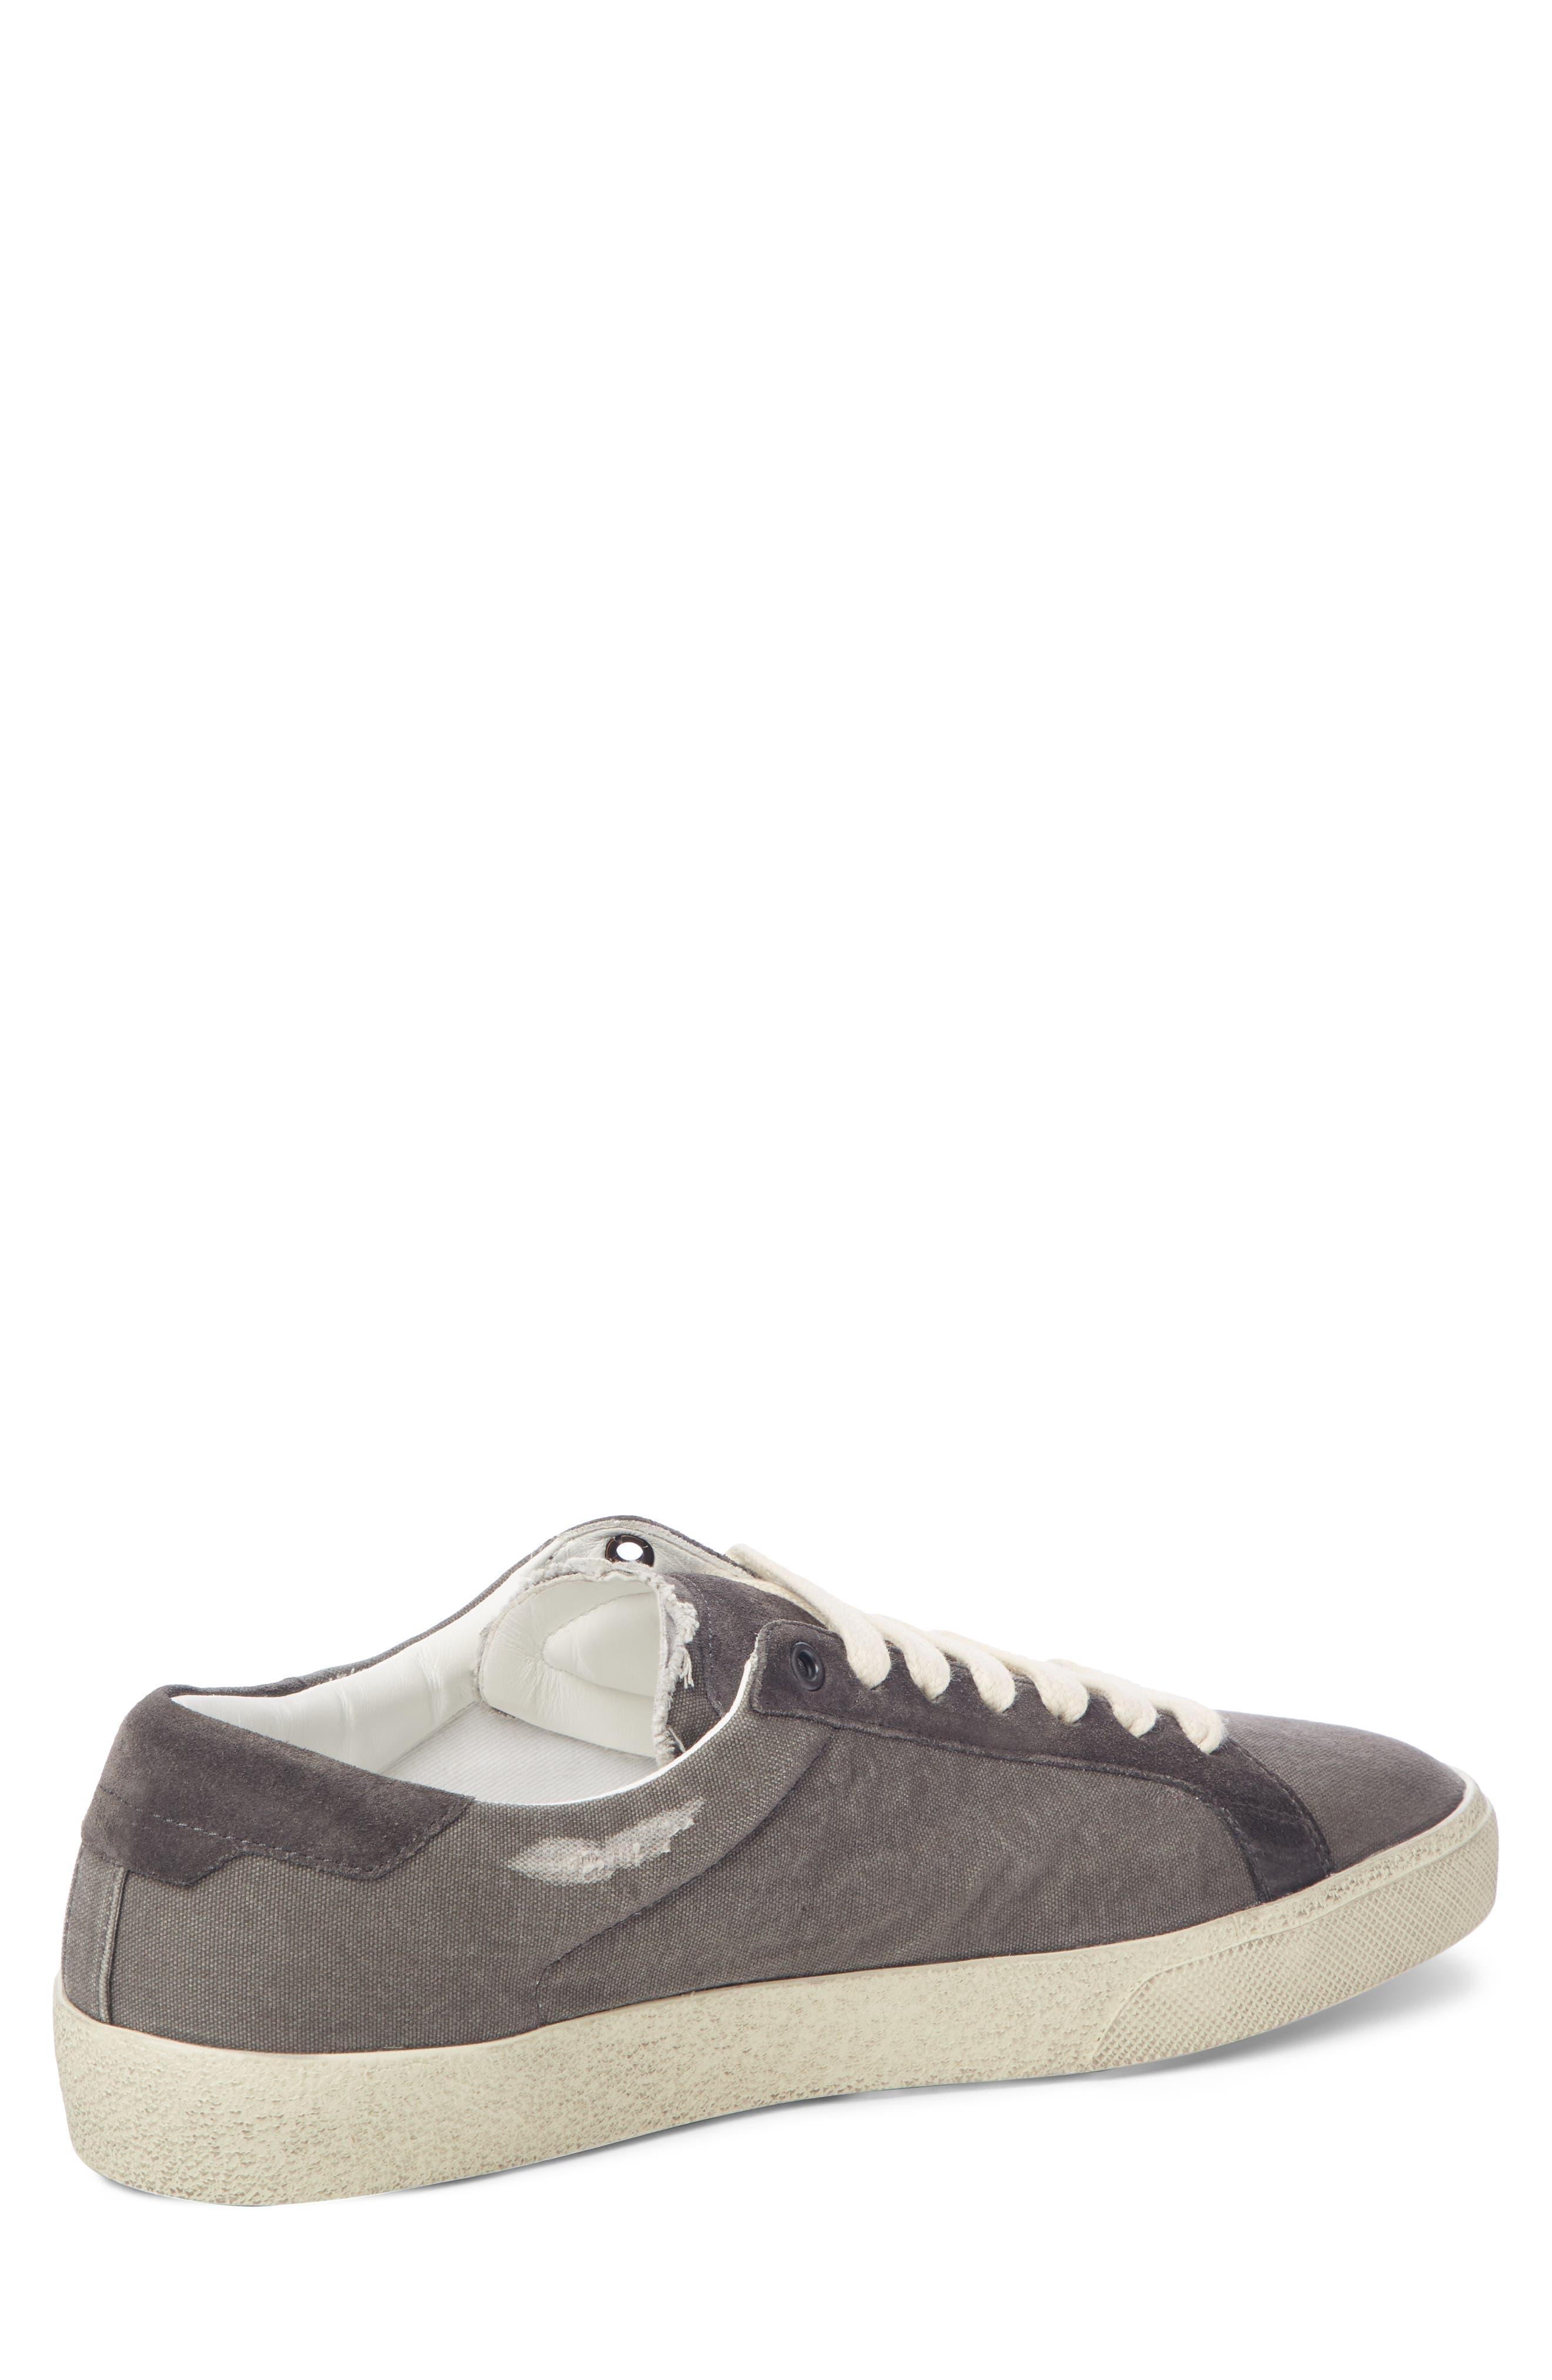 Low Top Sneaker,                             Alternate thumbnail 2, color,                             076